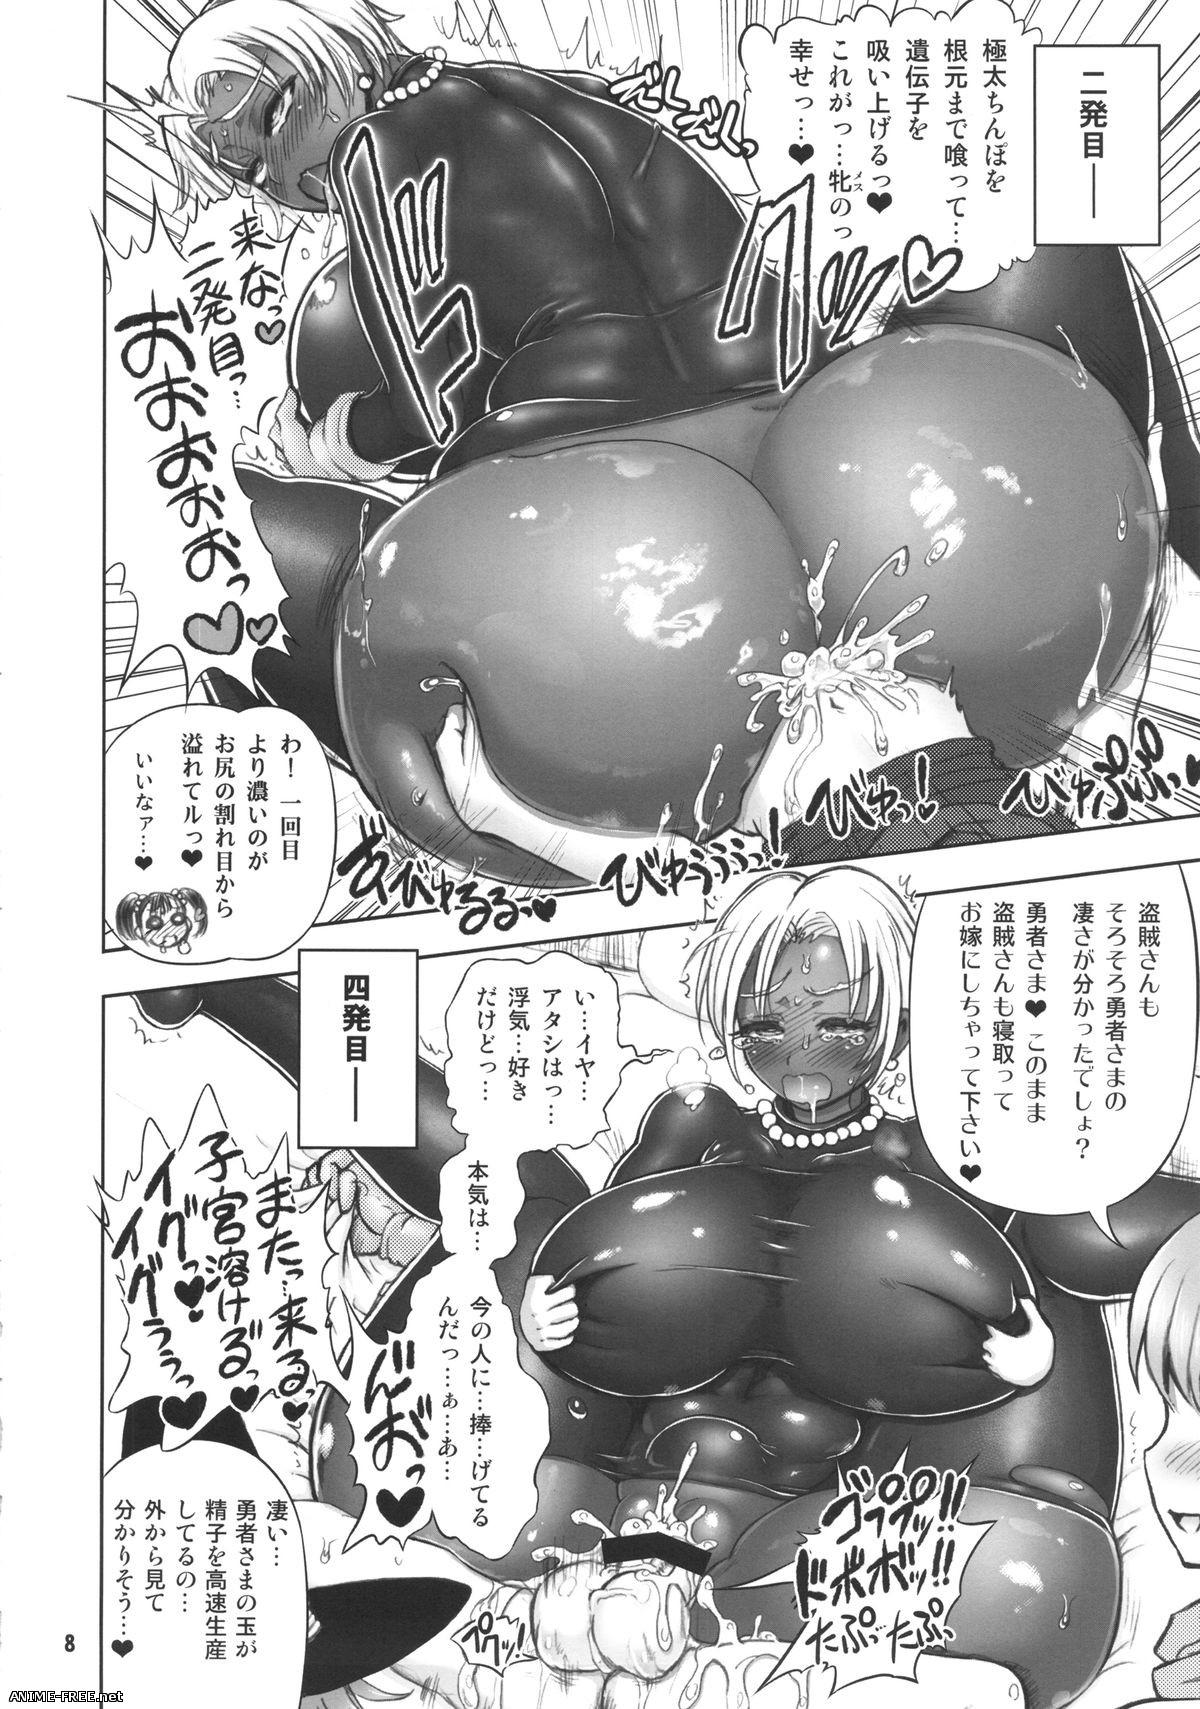 Rebis (Arsenothelus) - Сборник хентай манги [Cen] [JAP,RUS,ENG] Manga Hentai